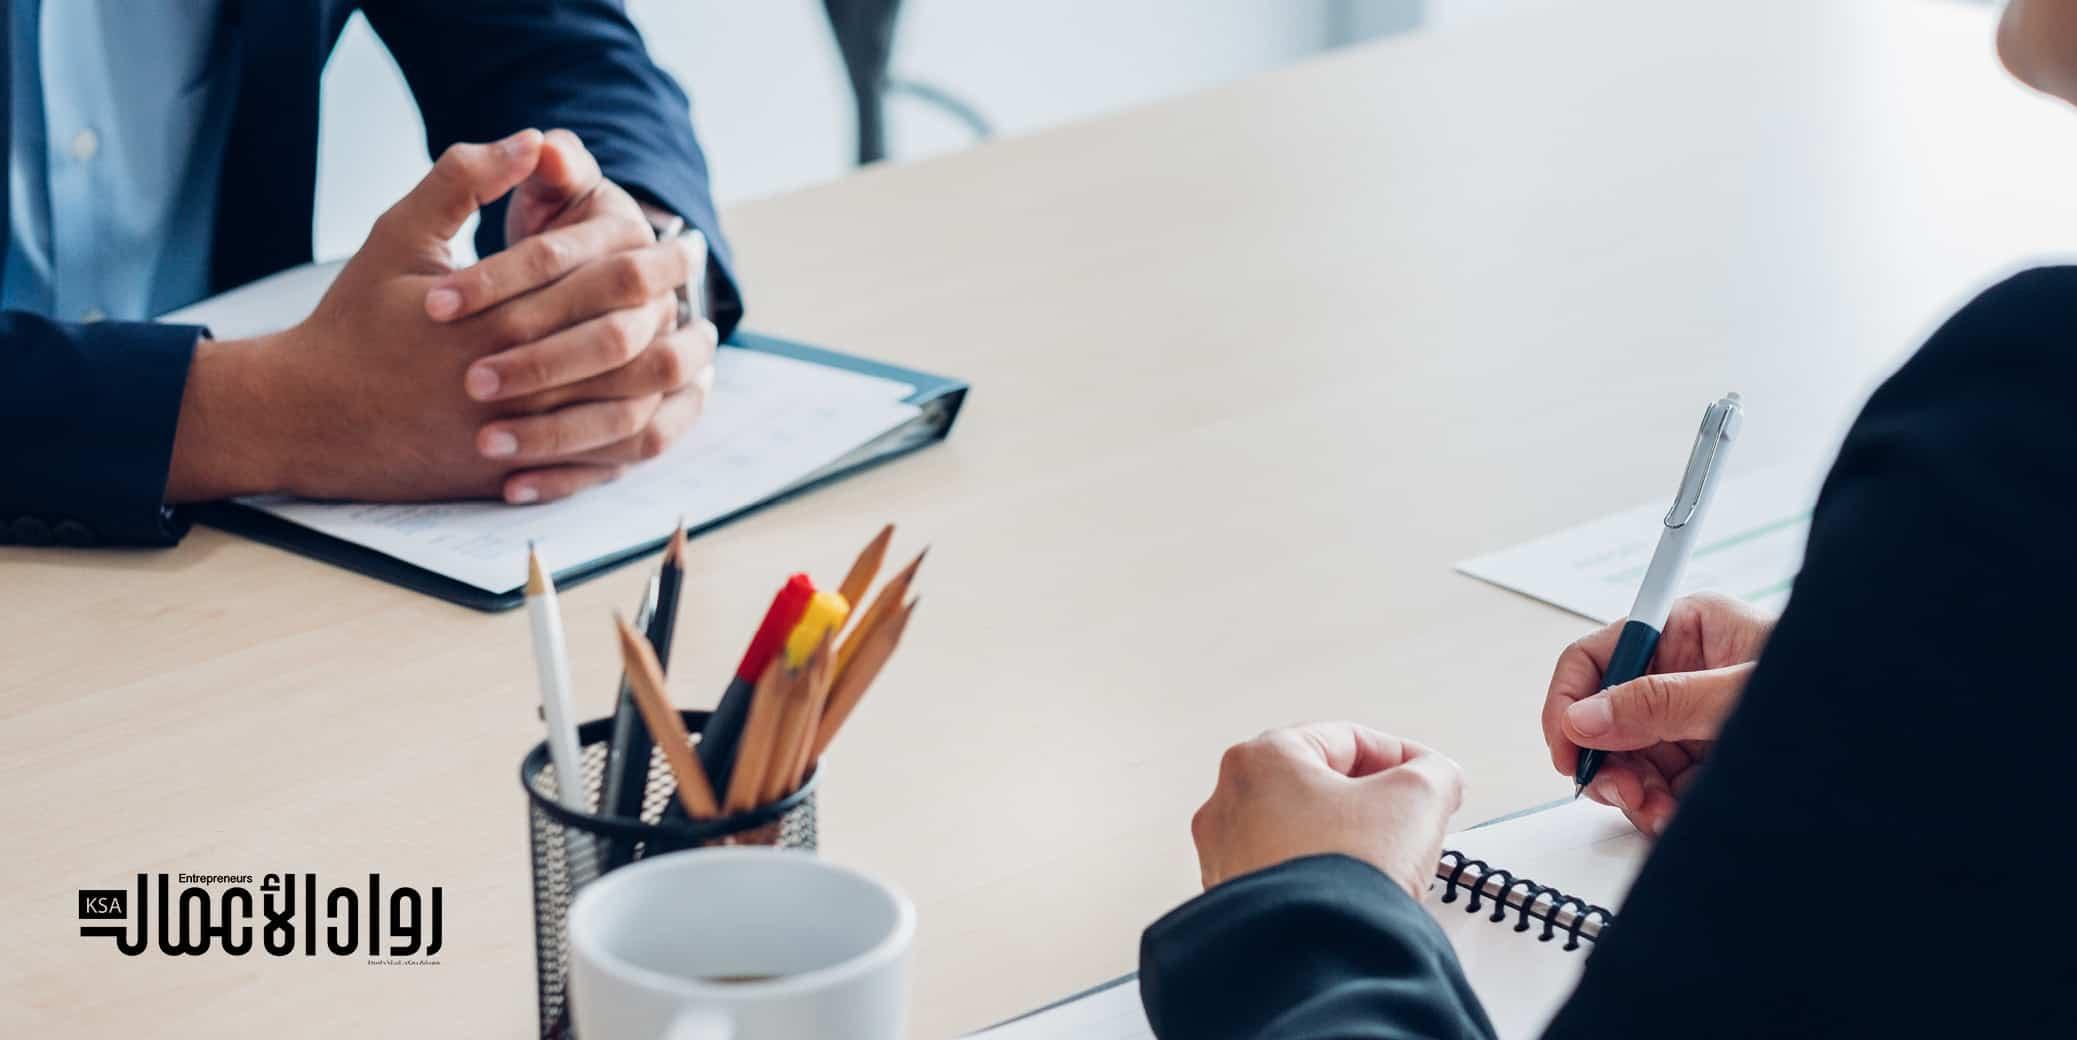 كيف تكون مقنعًا في مقابلة التوظيف